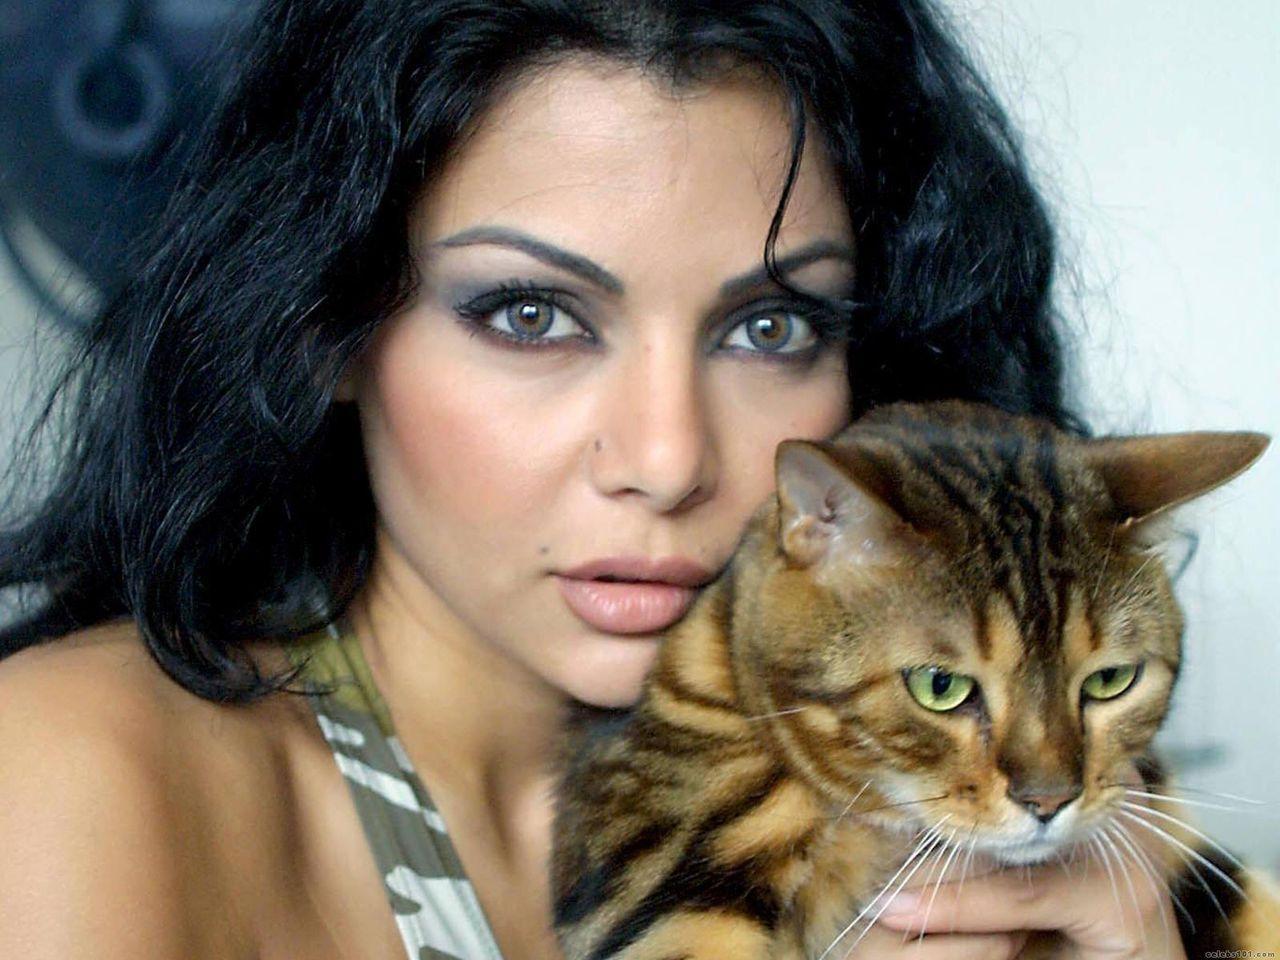 صور هيفاء وهبي Haifaa Wahby شبكة صورك Haifa Wehbe Haifa Races Fashion